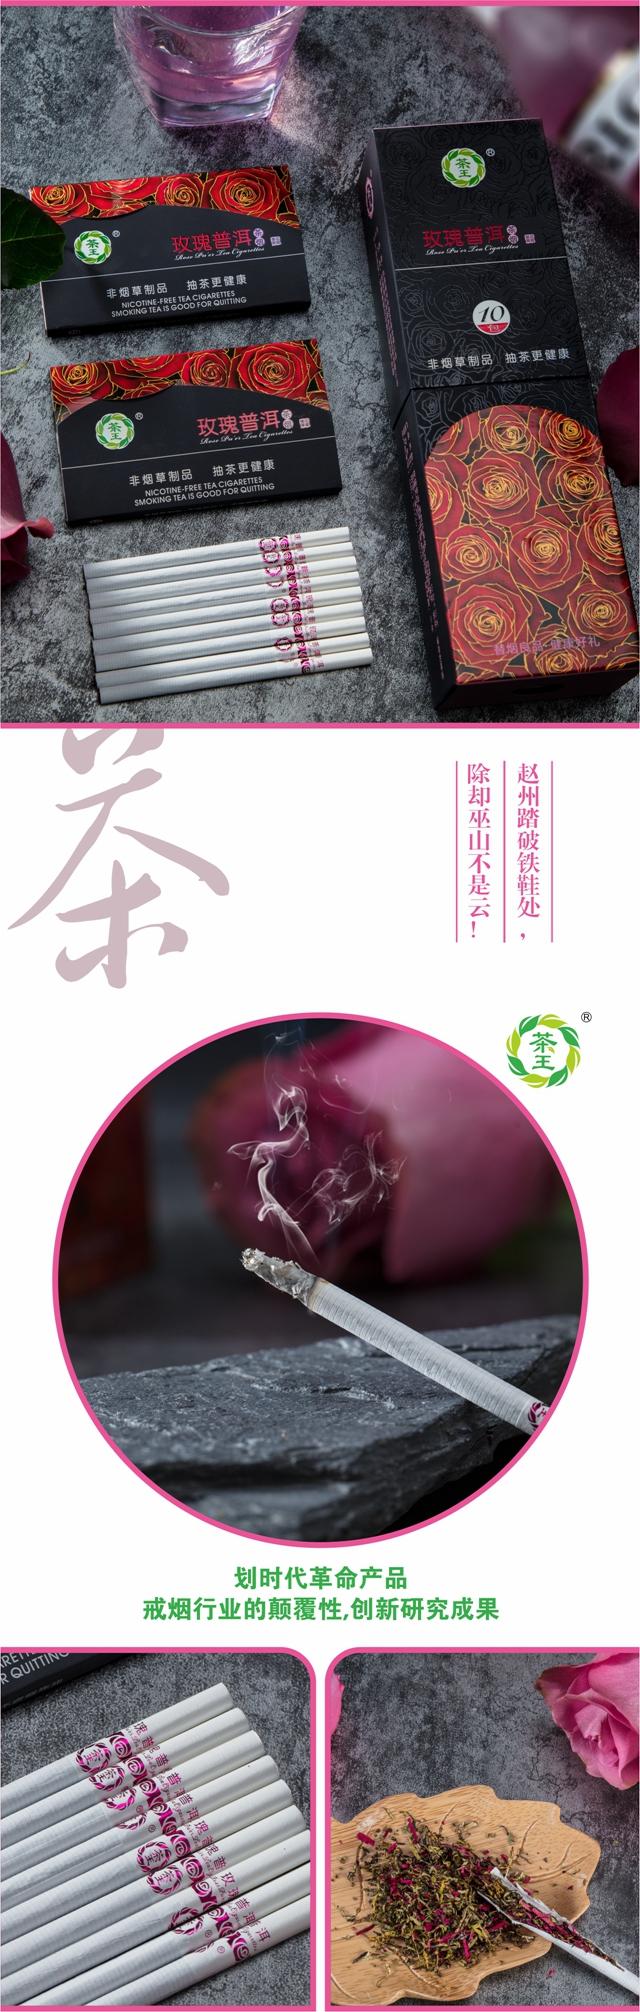 茶王玫瑰普洱-详情切片(导出)14.jpg